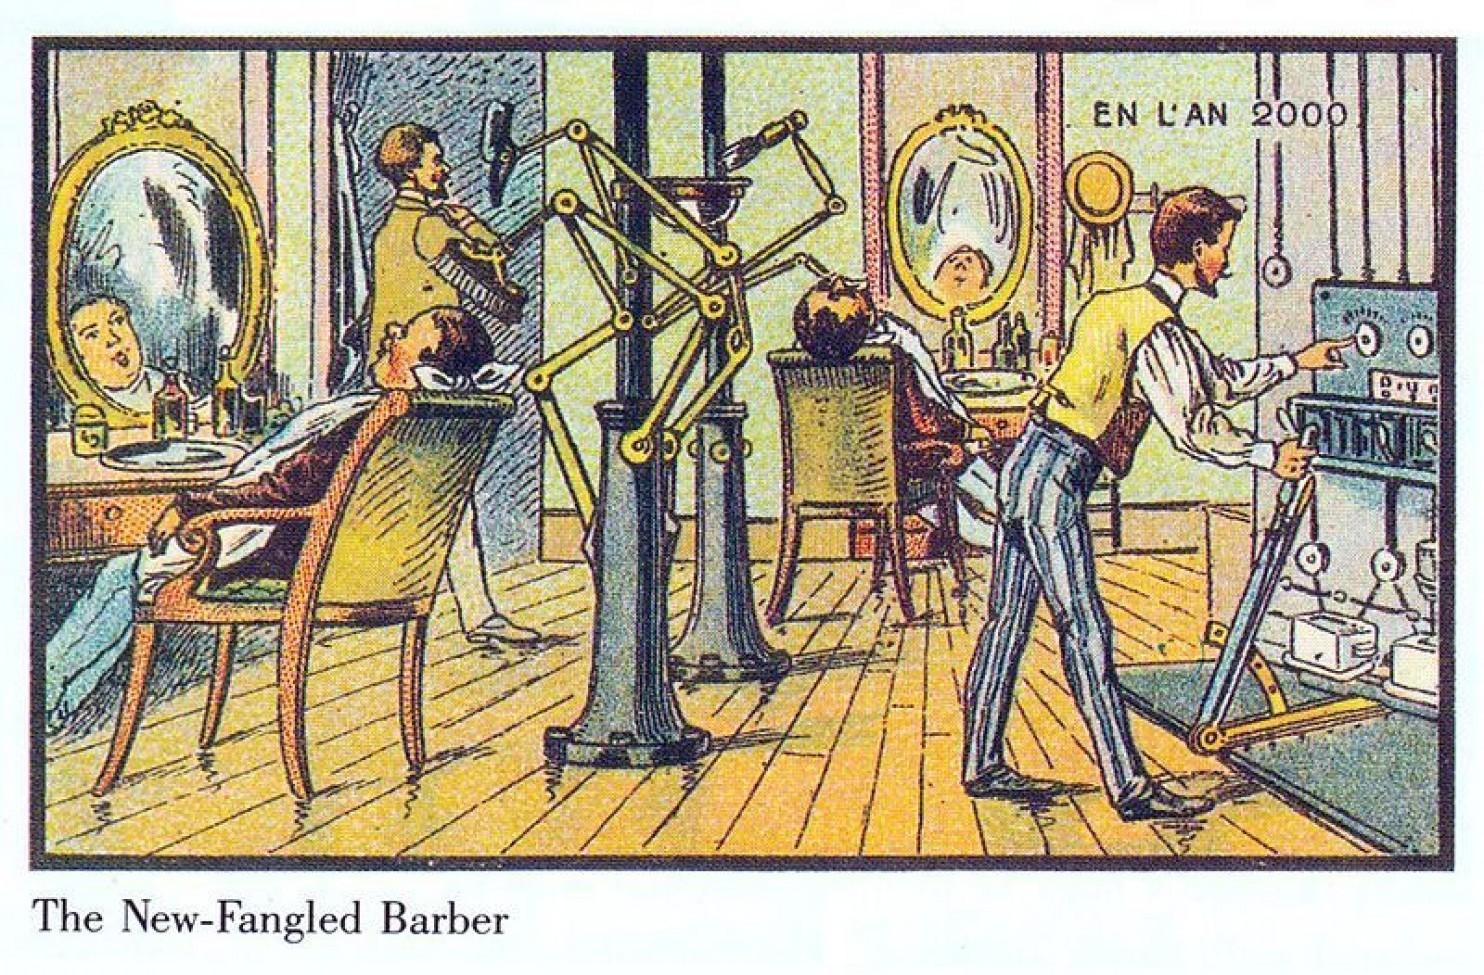 como imaginaban el futuro en 1900 ilustraciones 5